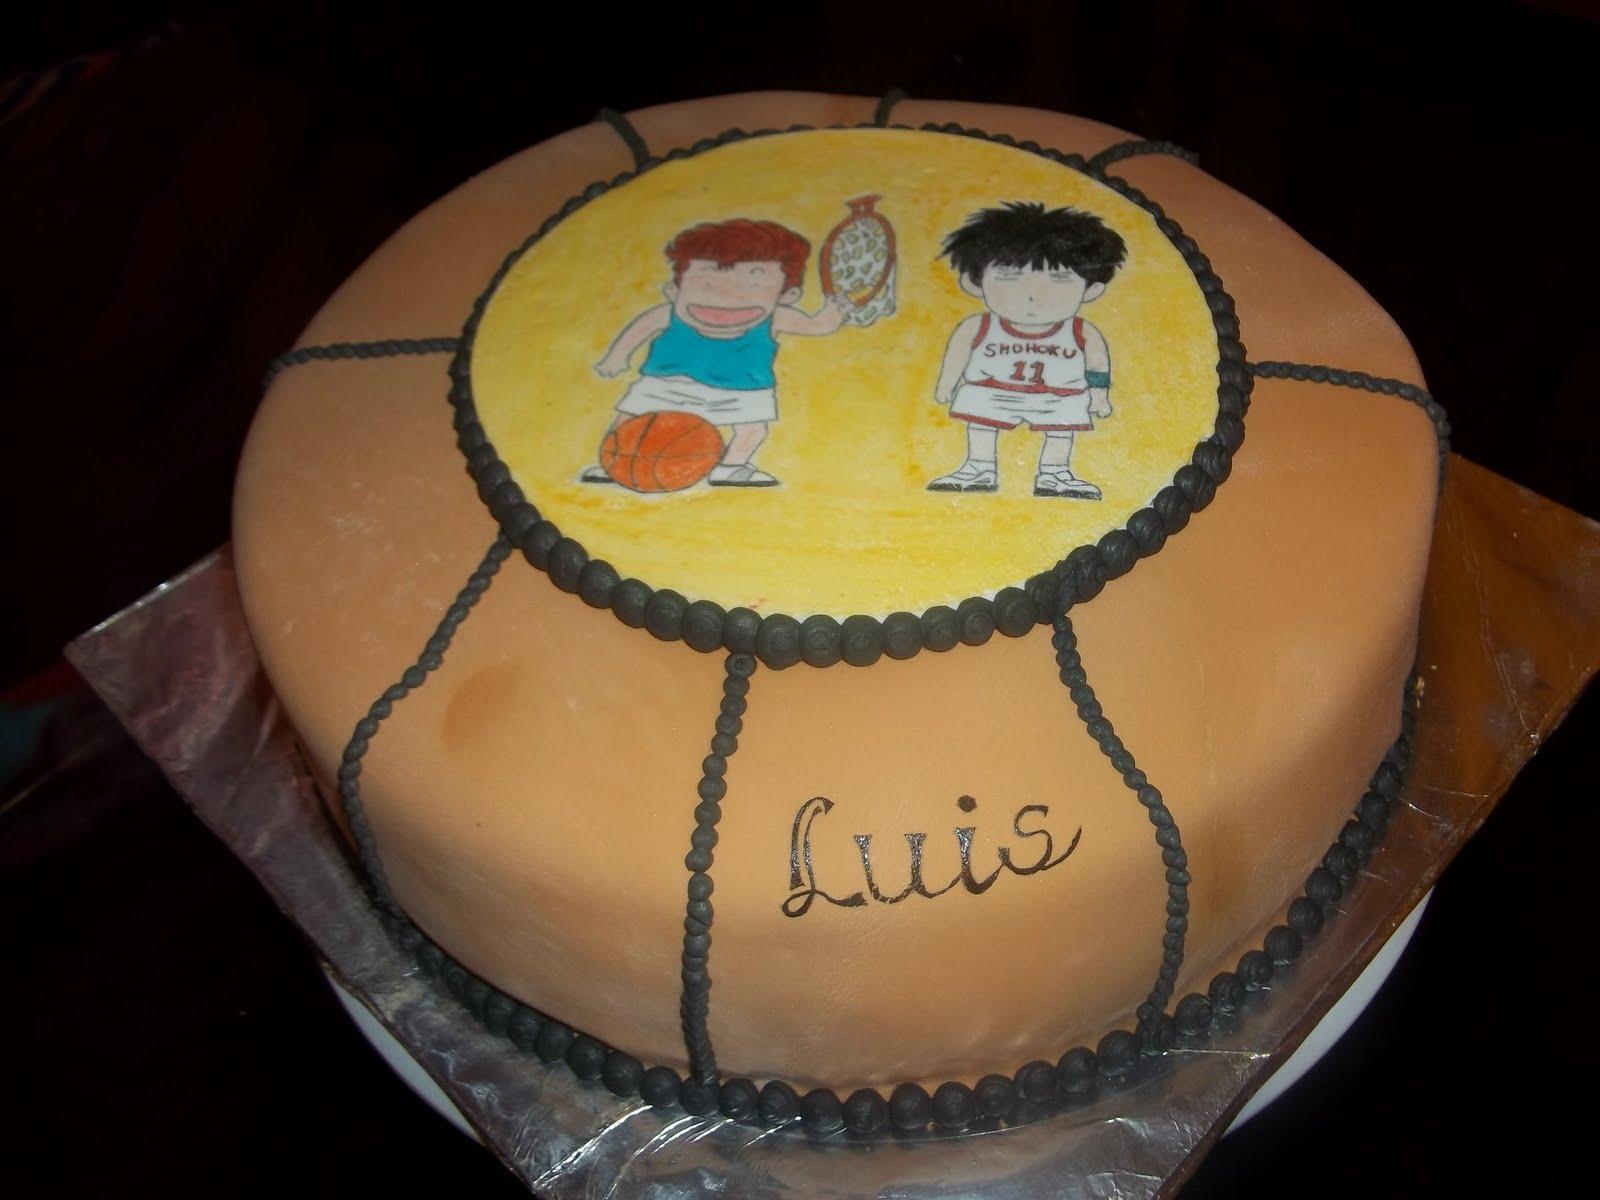 Pin tortas decoradas torta decorada flores fiesta infantil for Tortas decoradas infantiles